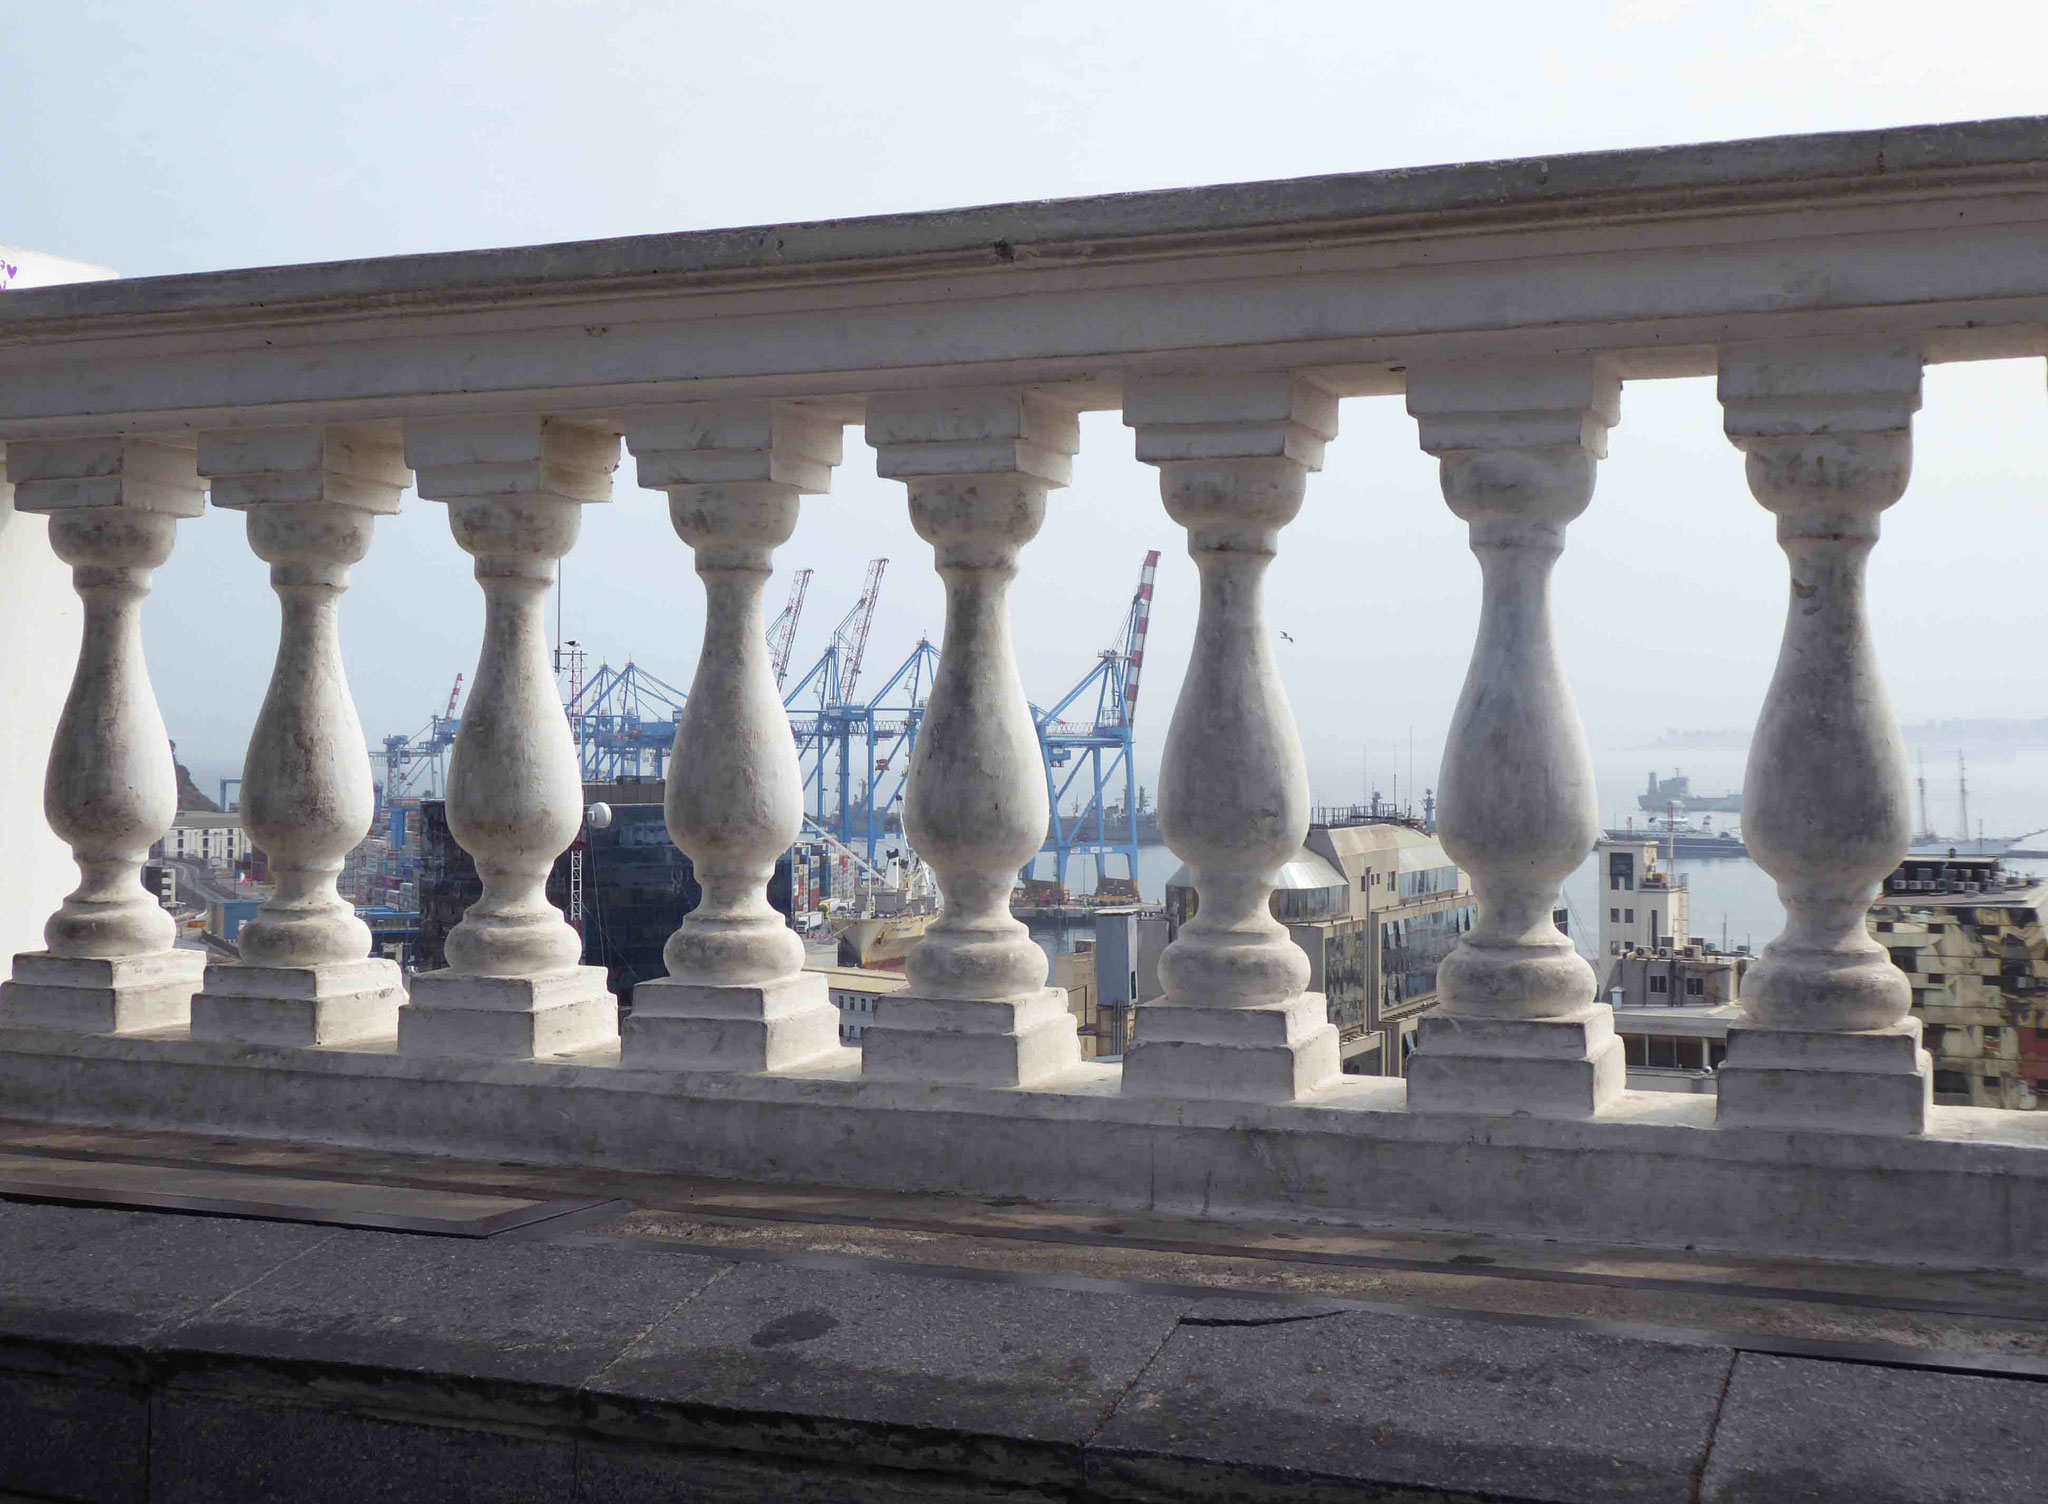 Le port de Valparaiso vu depuis le Musée municipal des Beaux-Arts le Palacio Baburizza